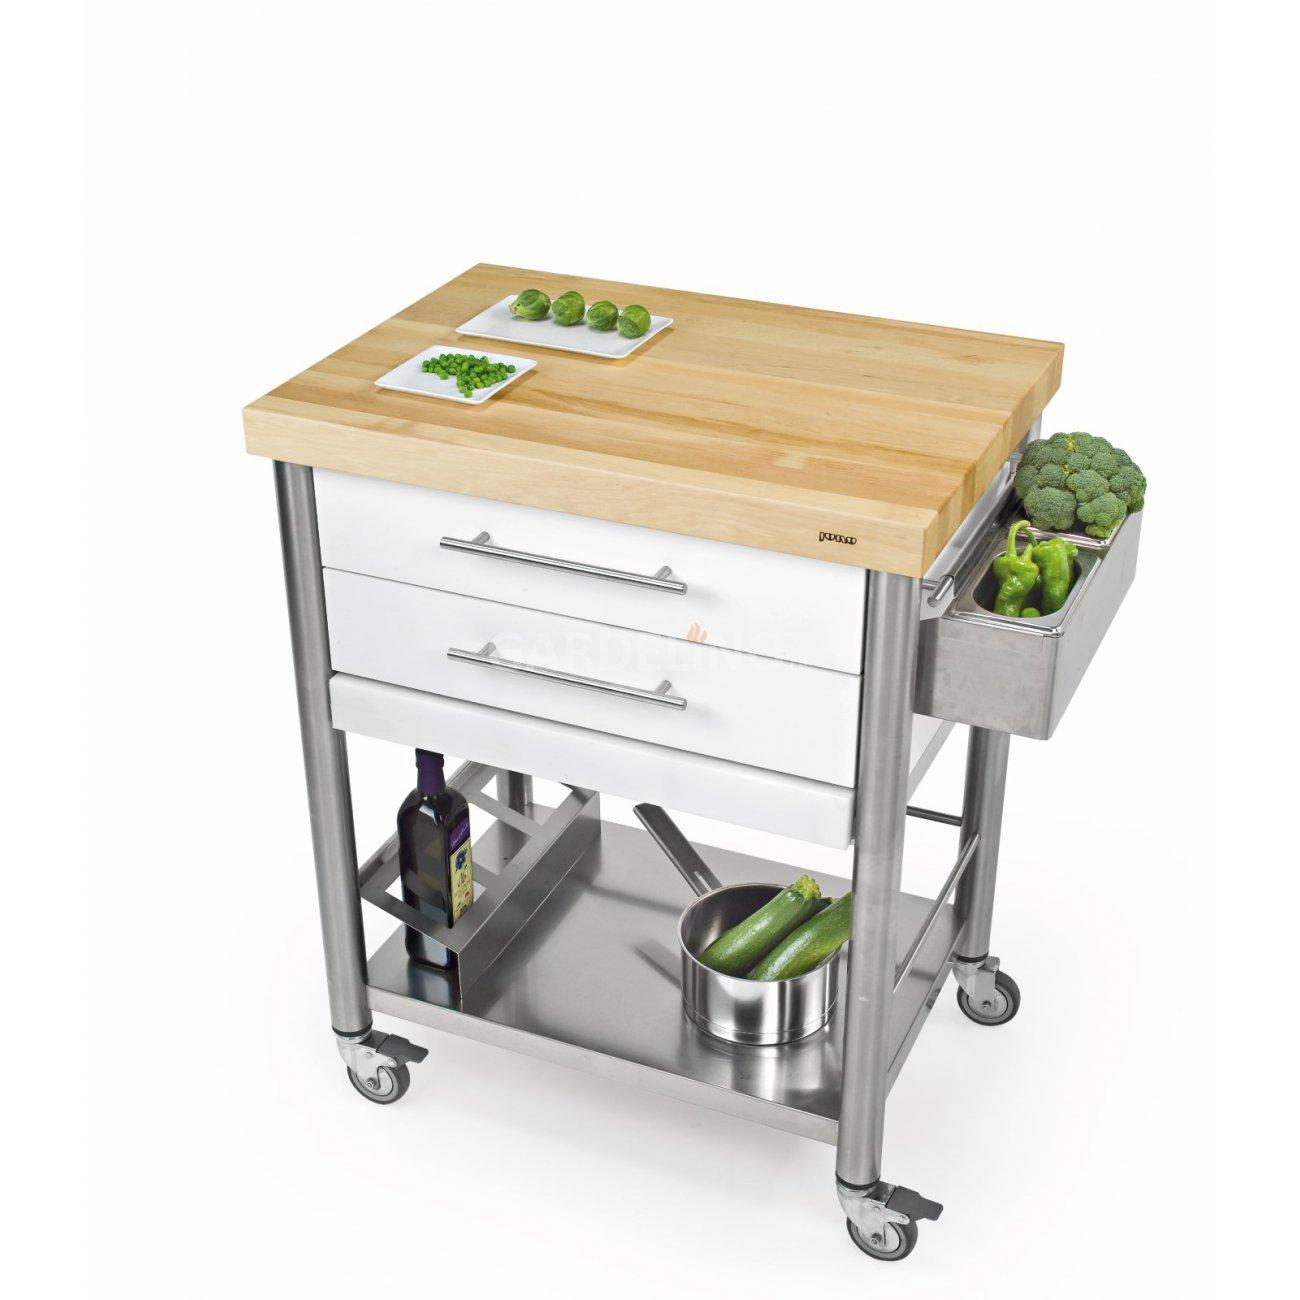 Küchenwagen Mit Schubladen: Beistelltisch k?che com forafrica.